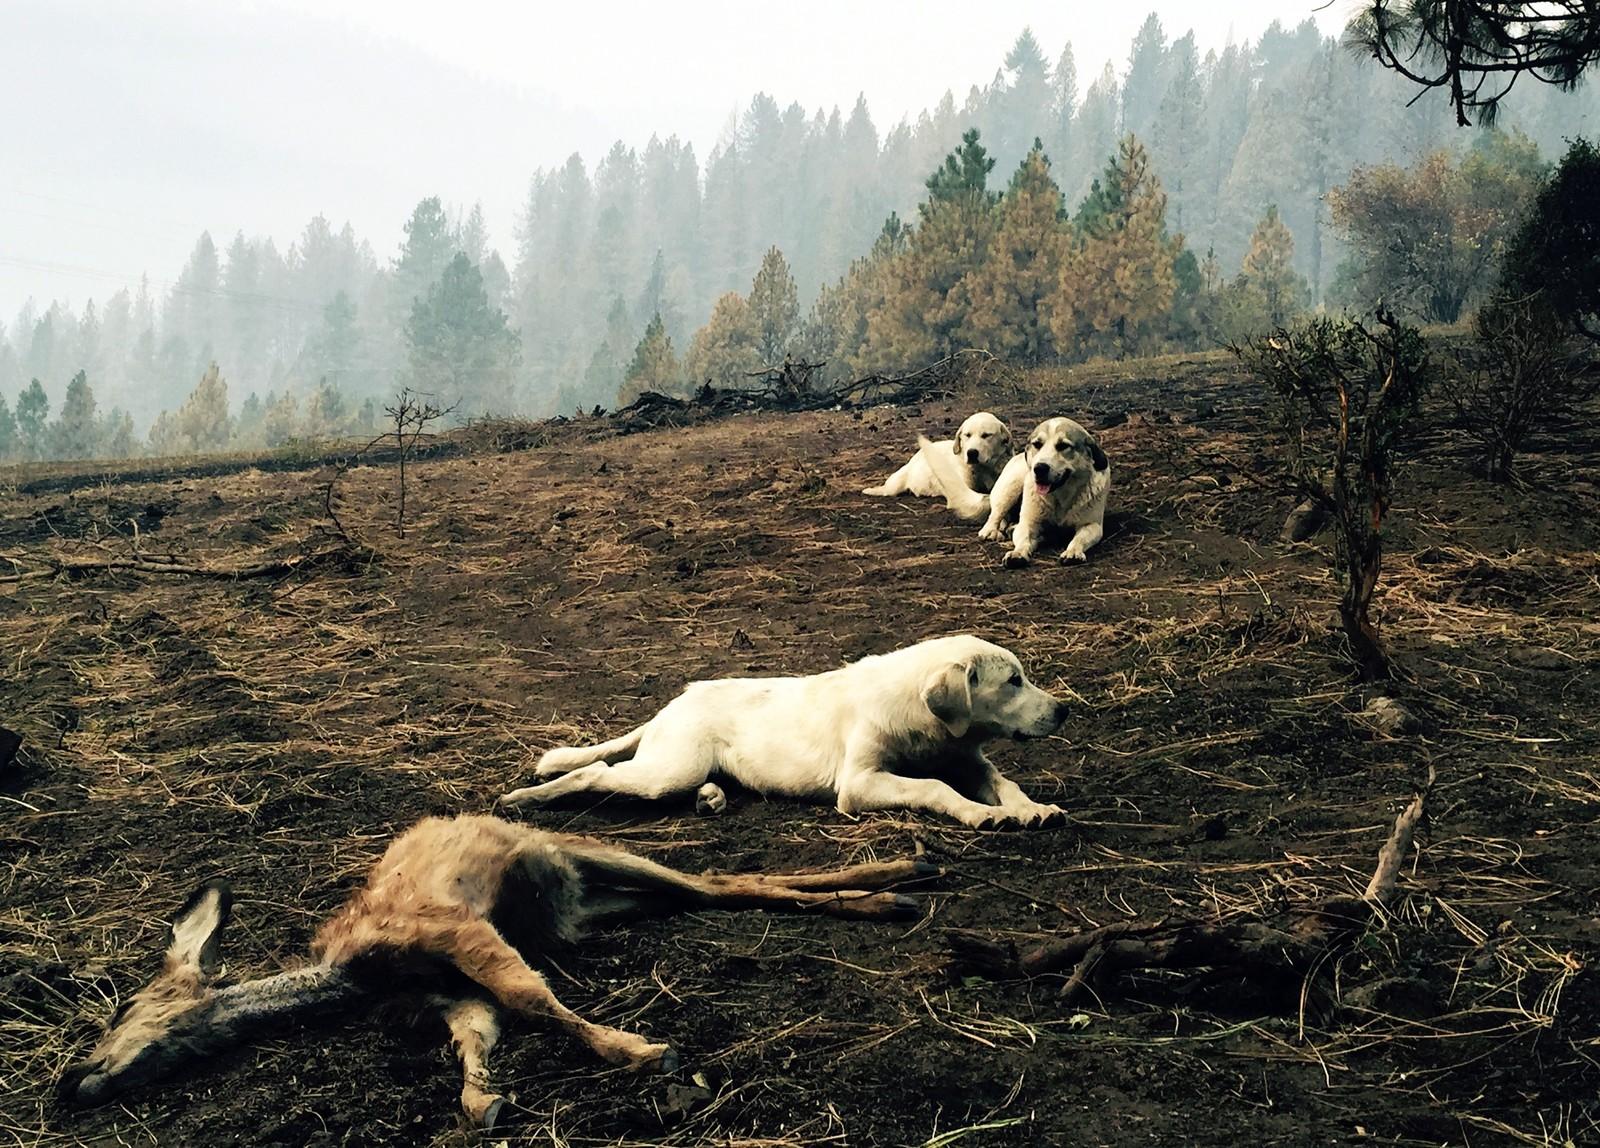 En fårehund vokter over en død hjortekalv i Idaho, USA. Vitner sier at hunden og valpene holdt rovdyr og mennesker unna det døde dyret i flere timer. Kalven mista livet i en av de mange brannene som har rammet den nordre delen av staten.